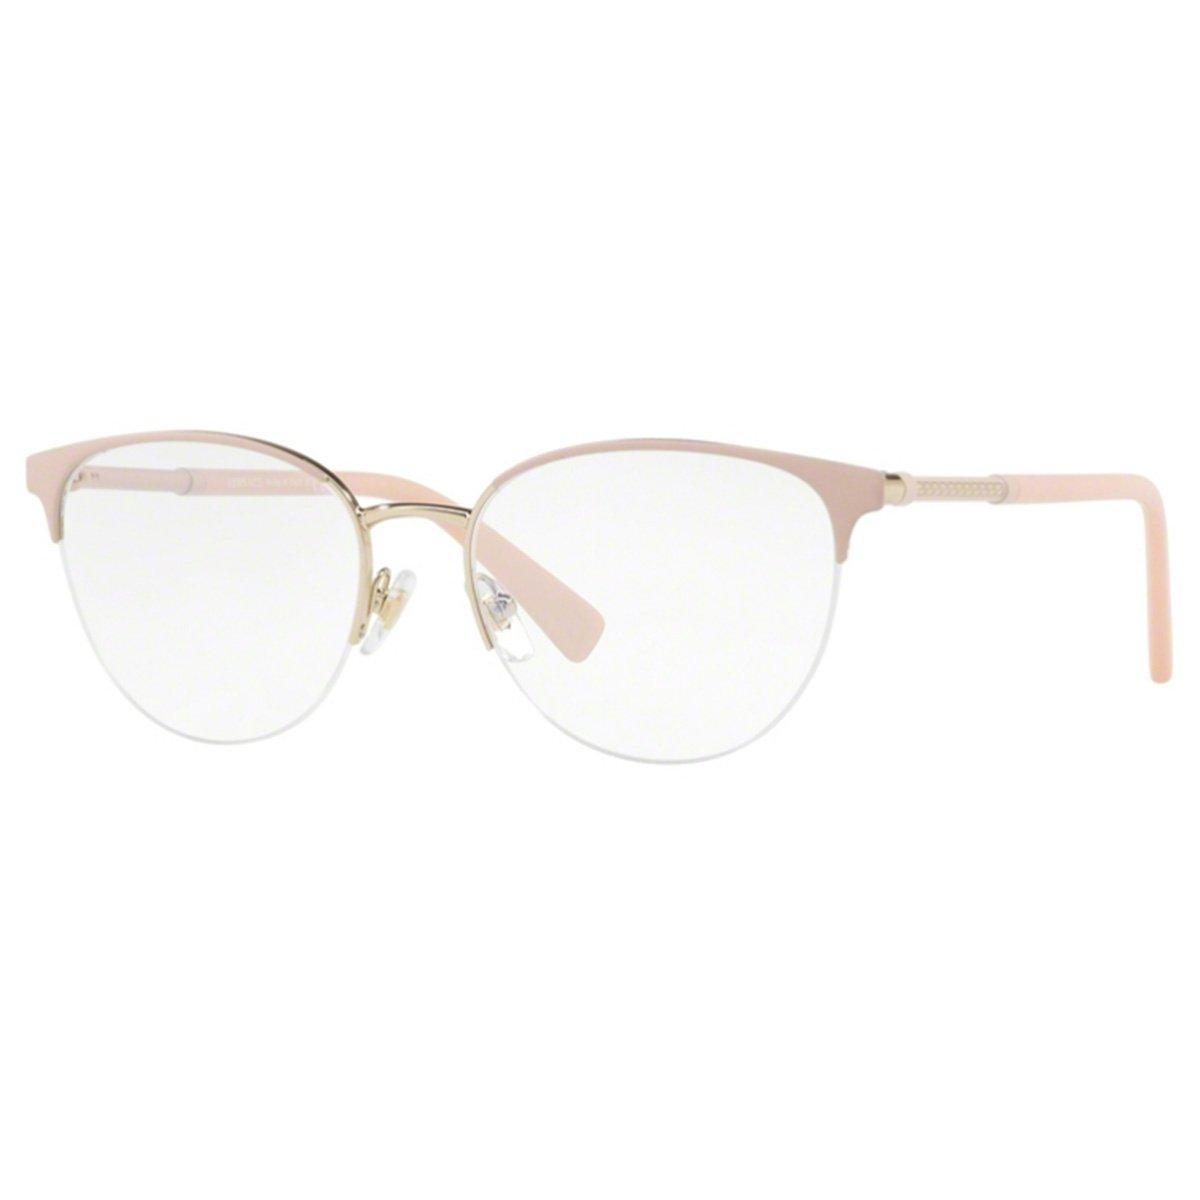 131ed8f85 Compre Óculos de Grau Versace em 10X | Tri-Jóia Shop